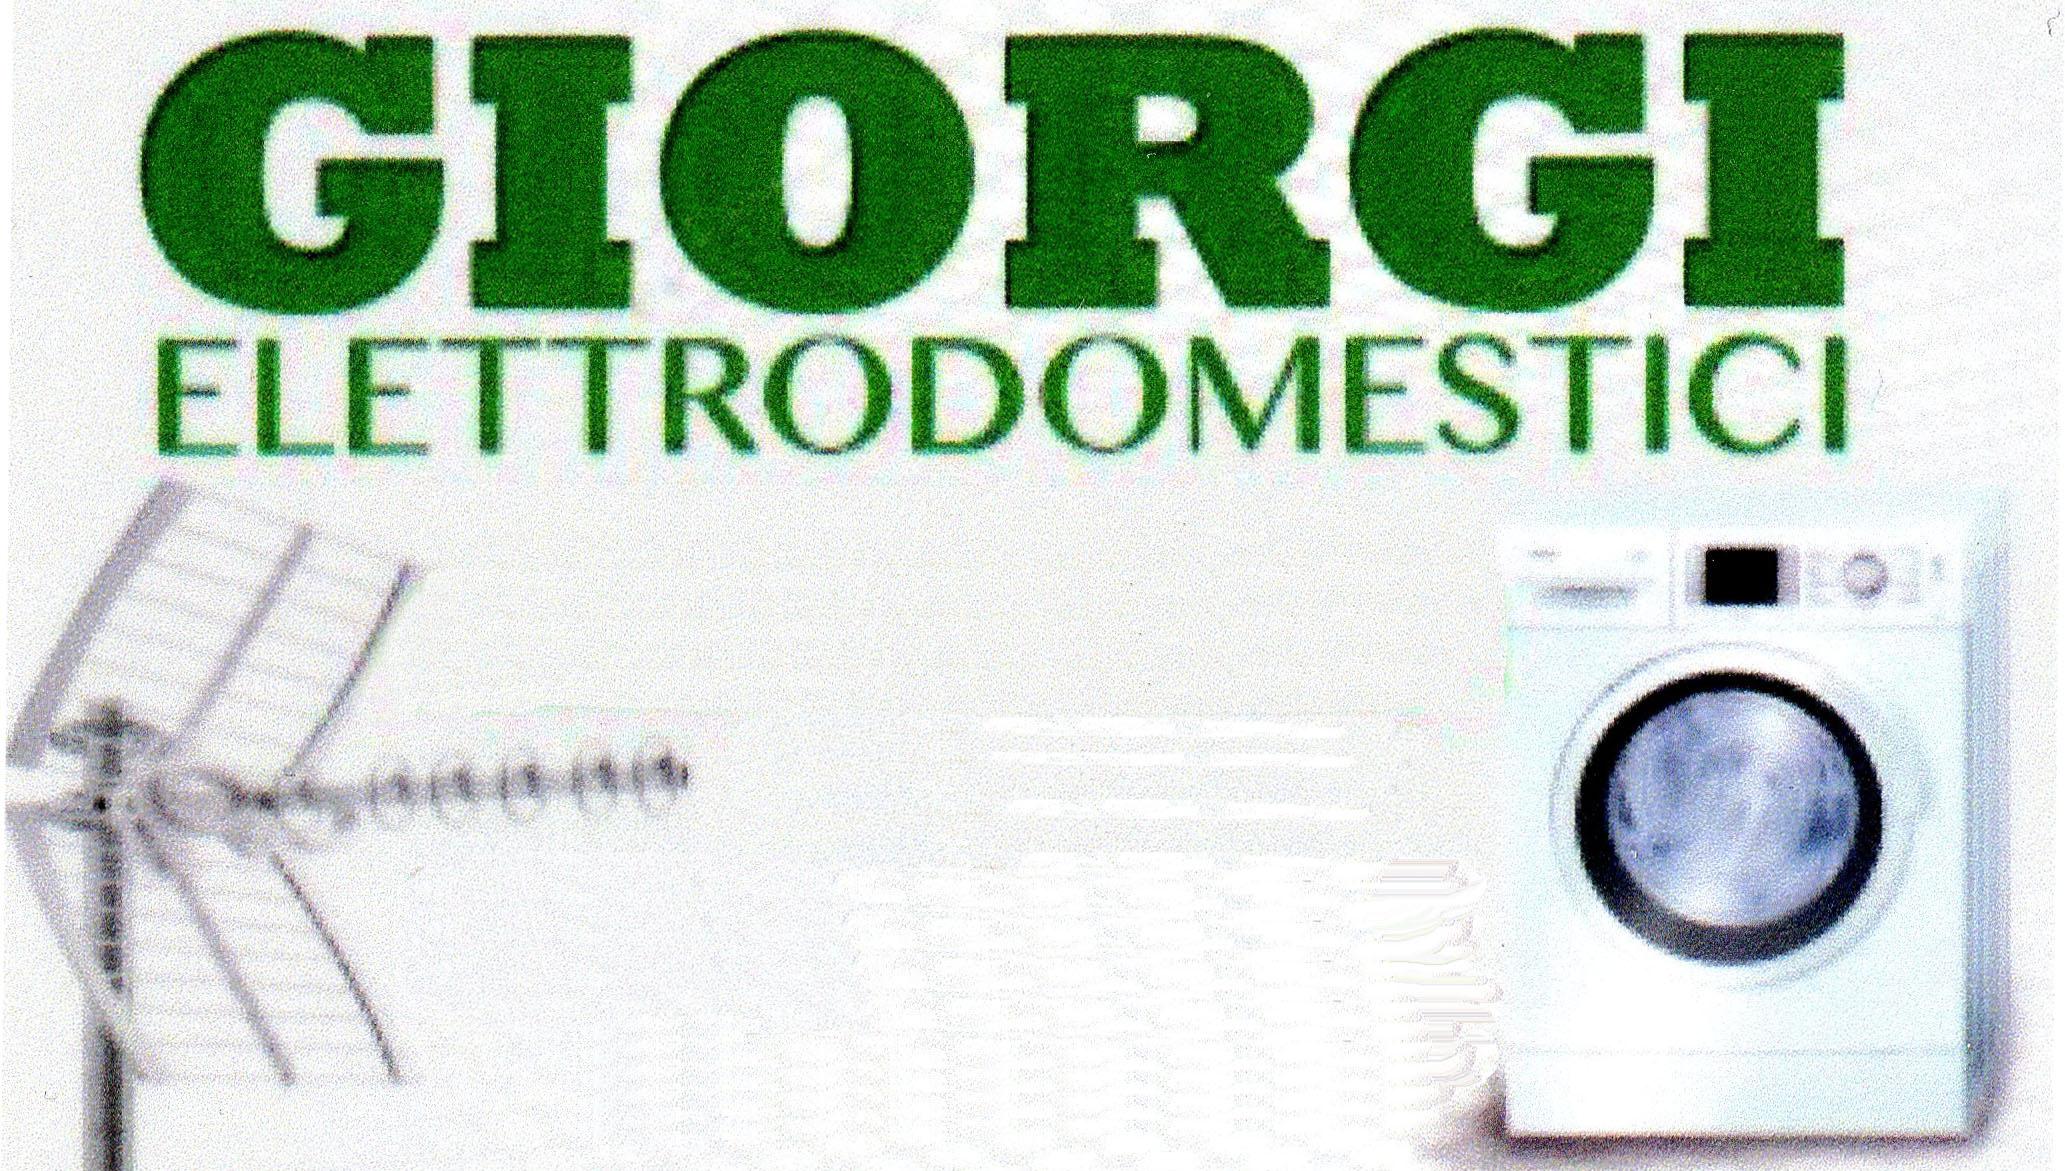 GIORGI ELETTRODOMESTICI